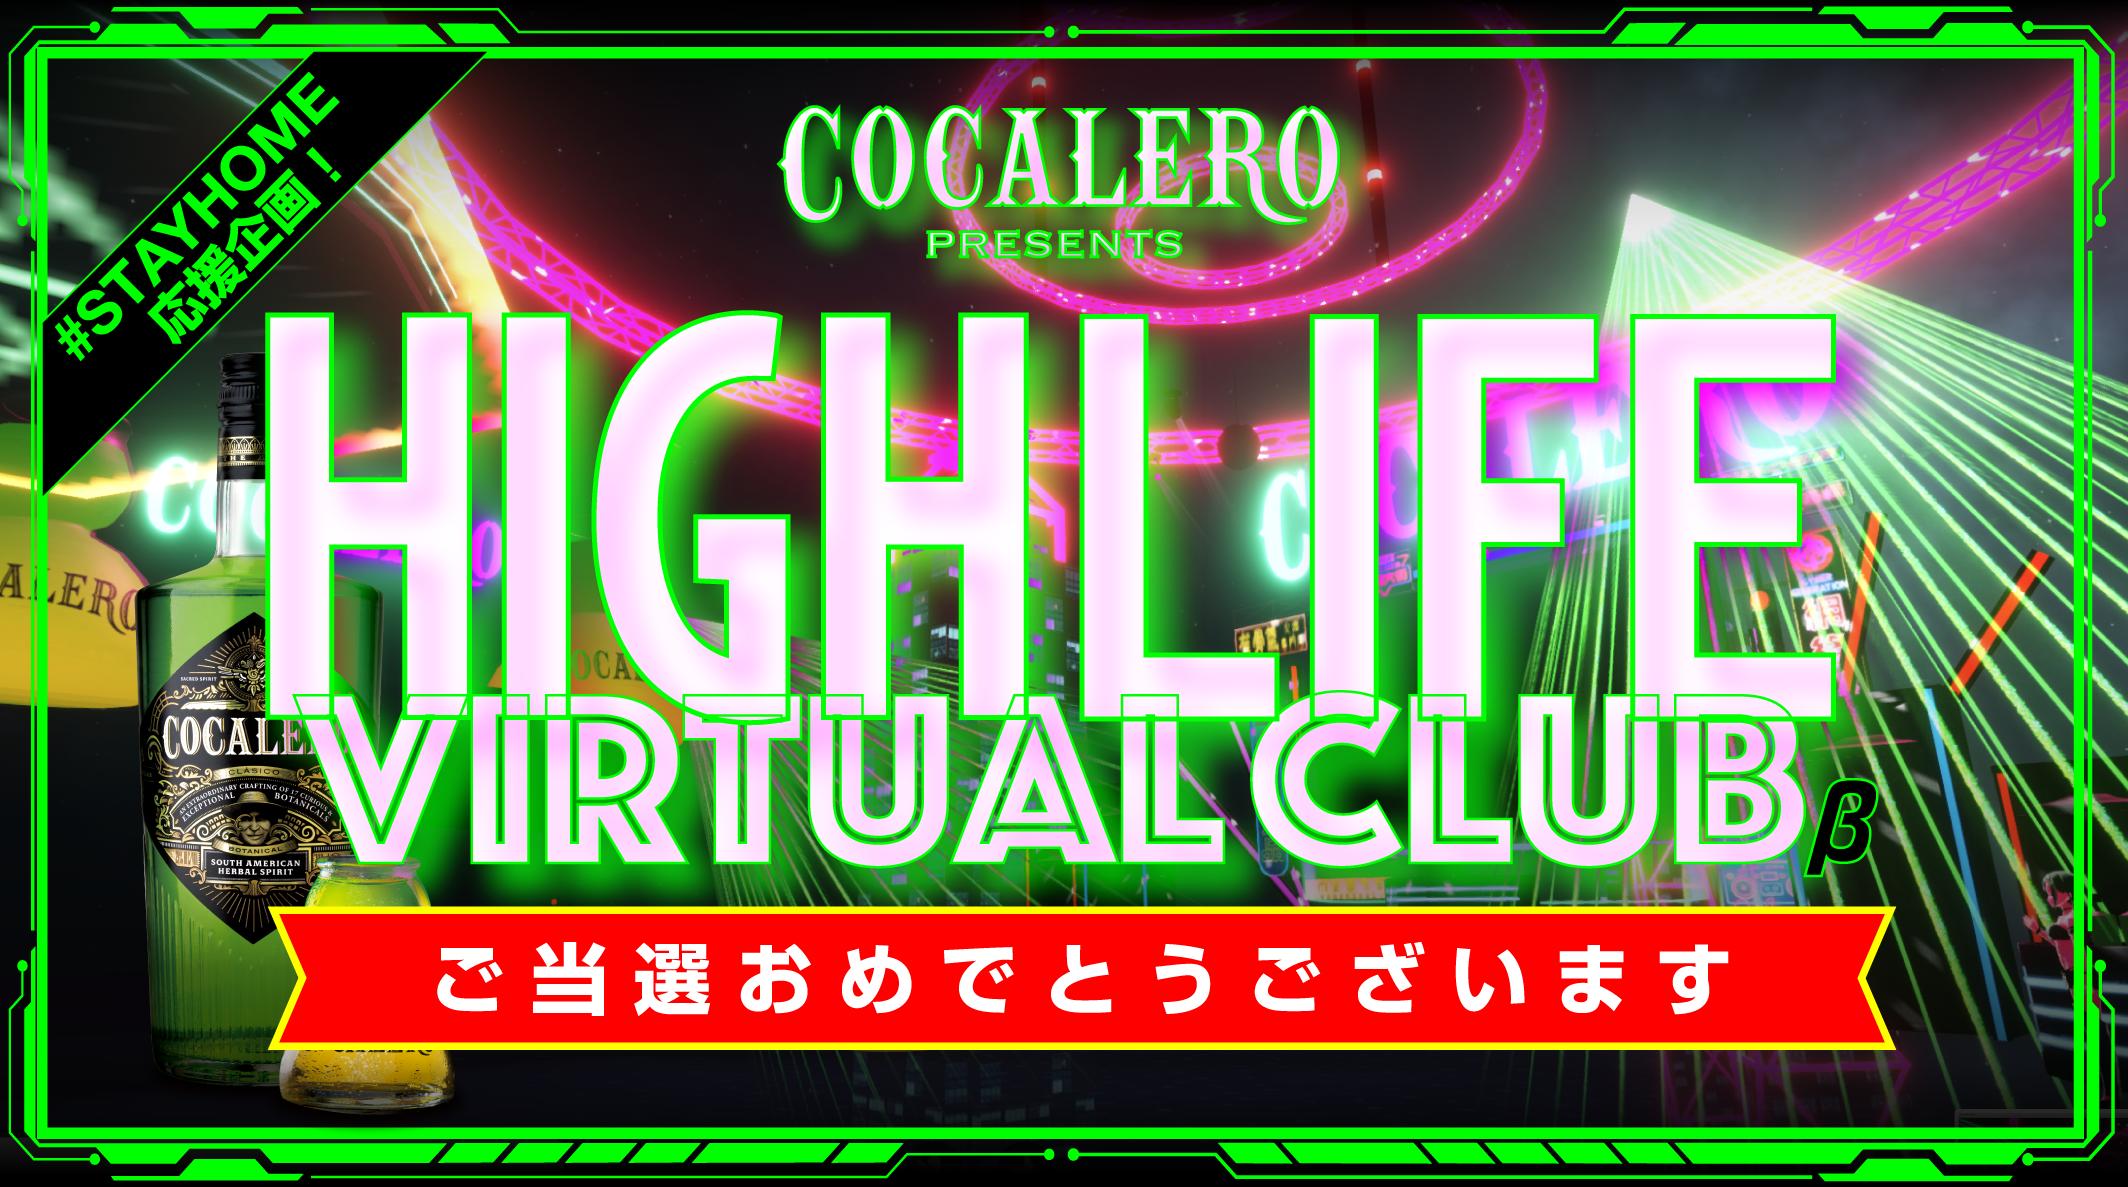 HIGHLIFE VIRTUALCLUB β ご当選おめでとうございます